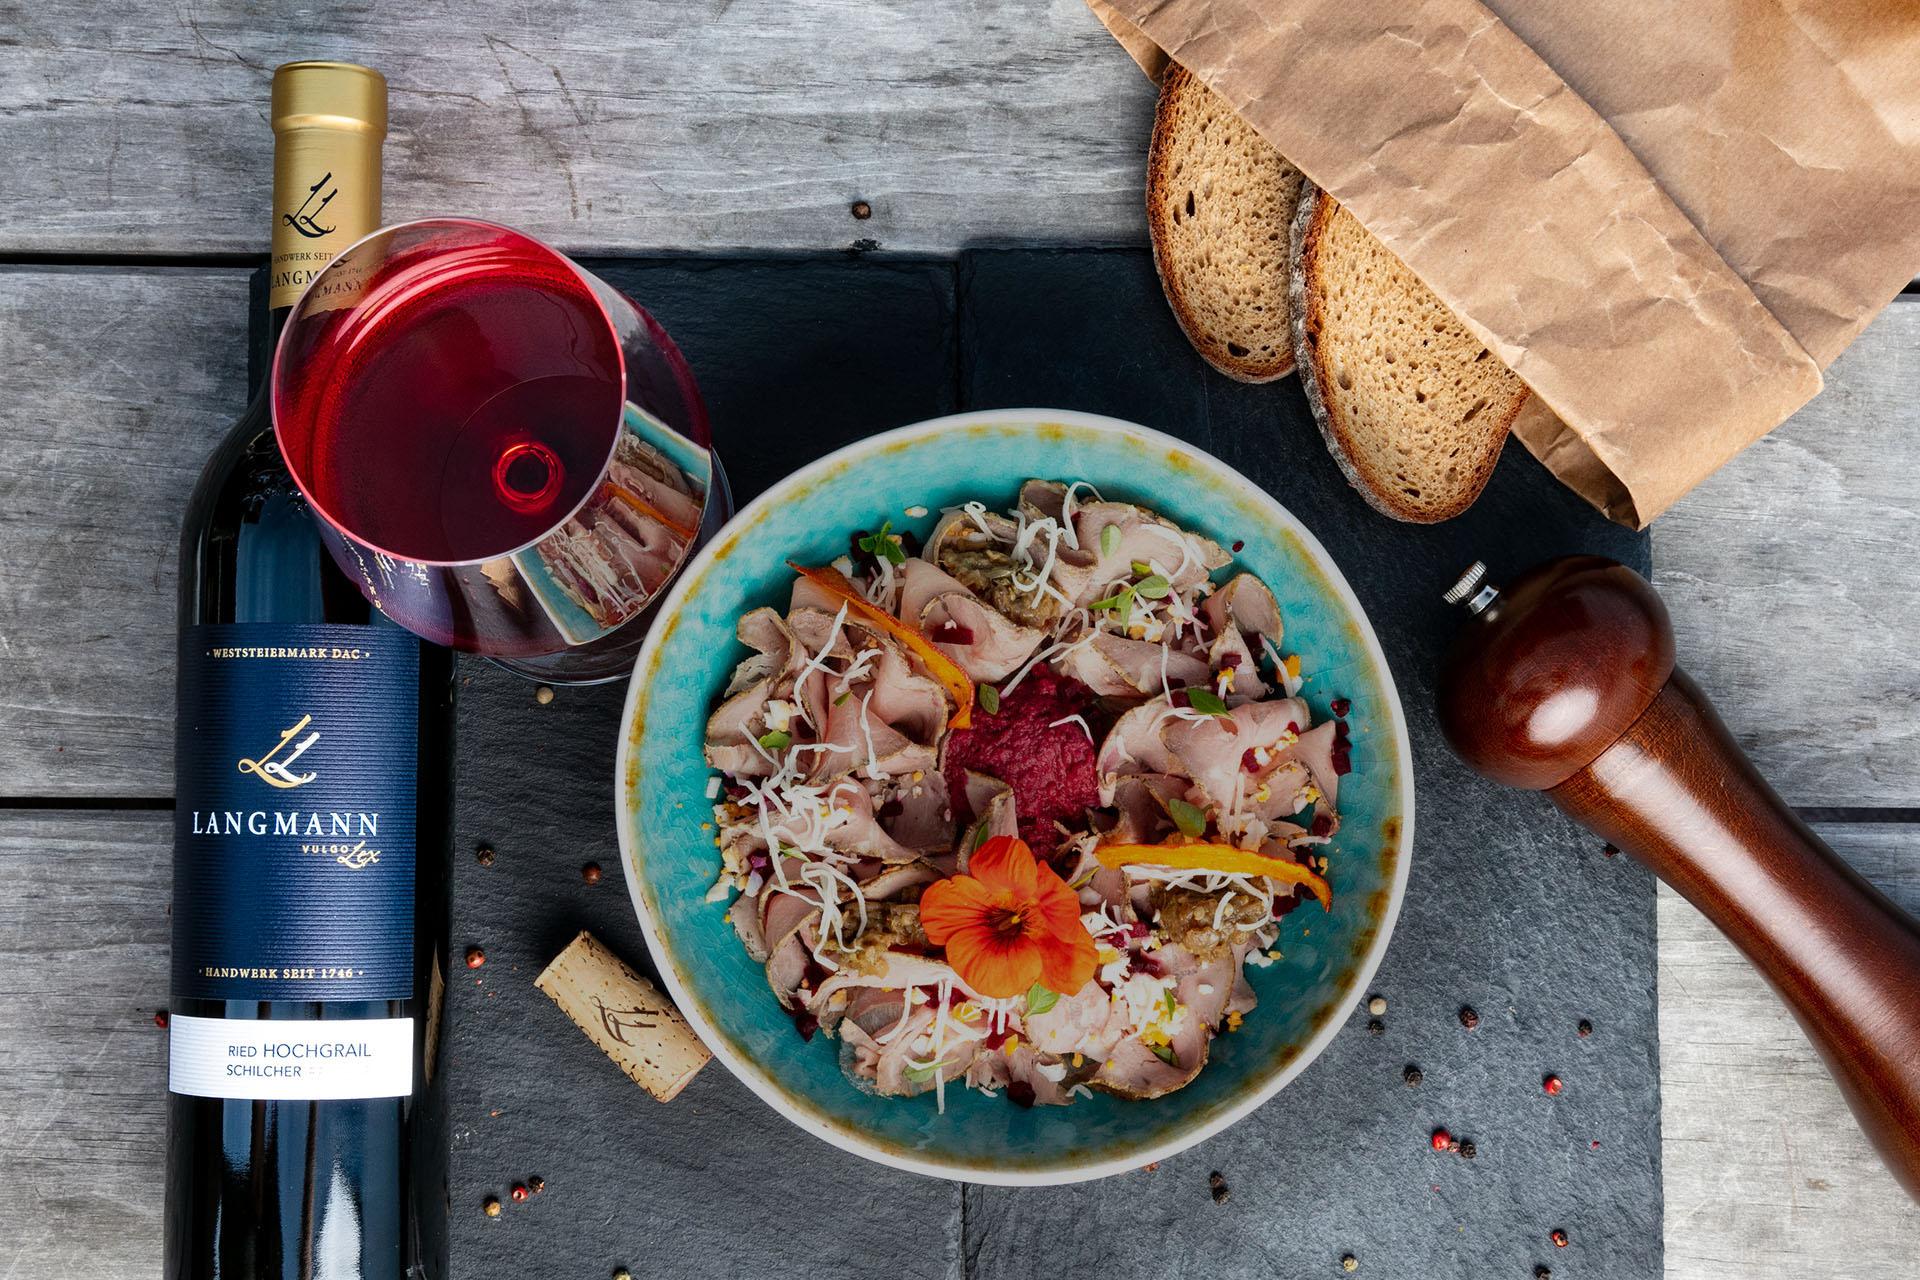 Steirisches Saure Teller mit einem Glas Schilcher Hochgrail, Weingut Langmann